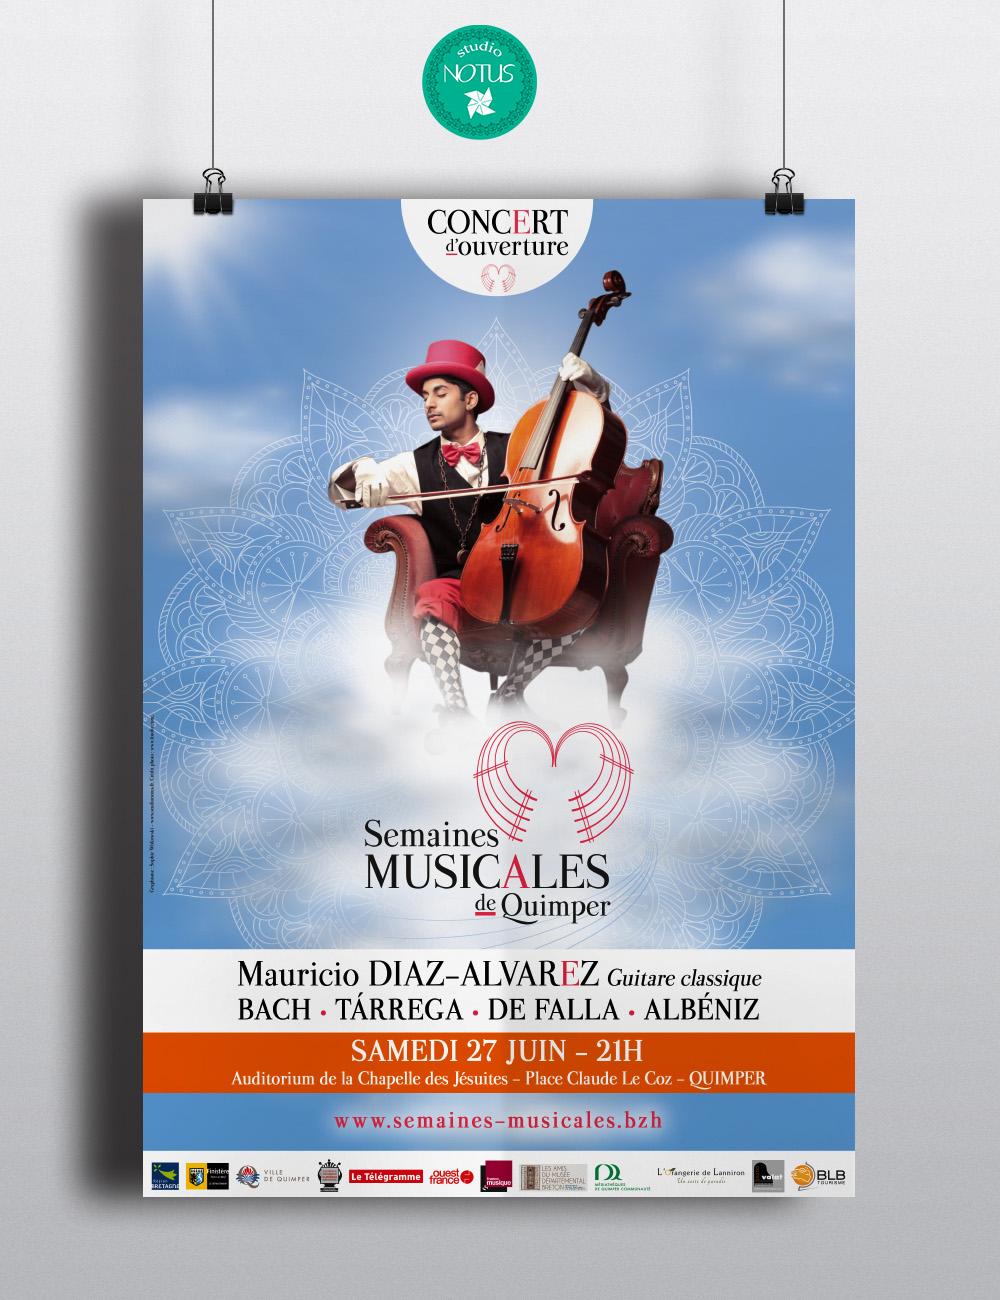 Semaines Musicales de Quimper 2015